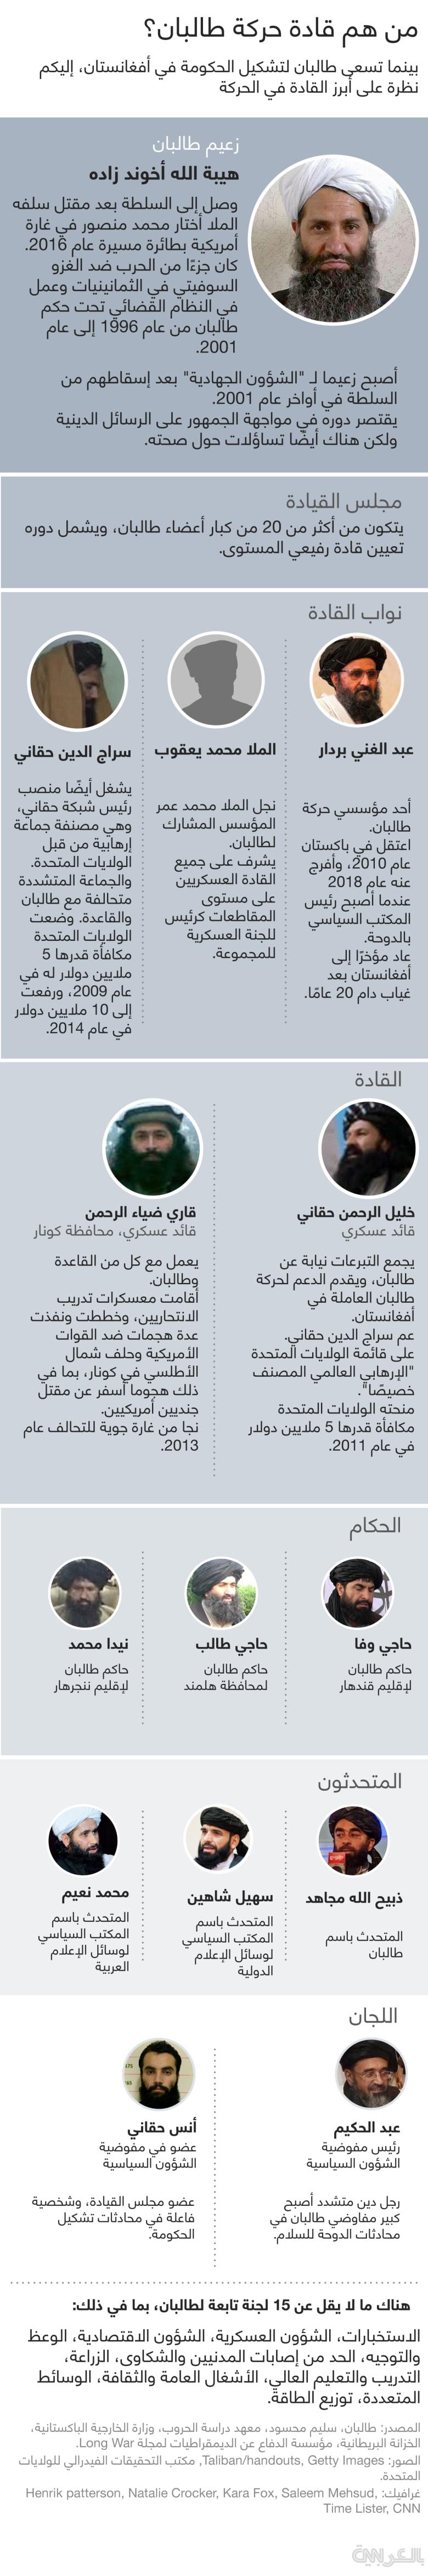 talibal-key-members